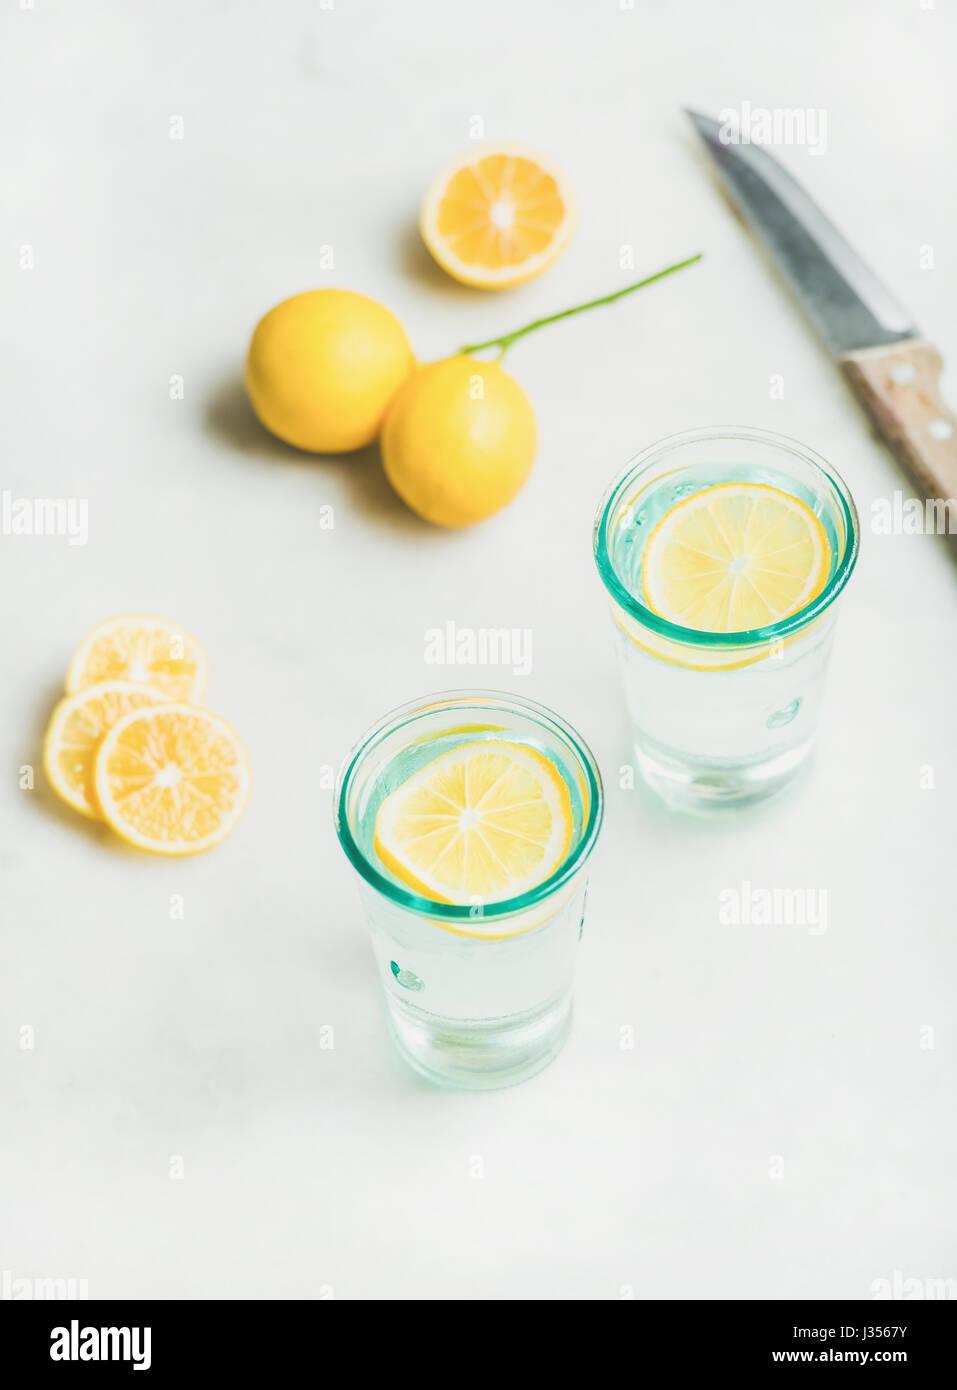 Mattina detox limone acqua in bicchieri sulla luce Sfondo marmo Immagini Stock